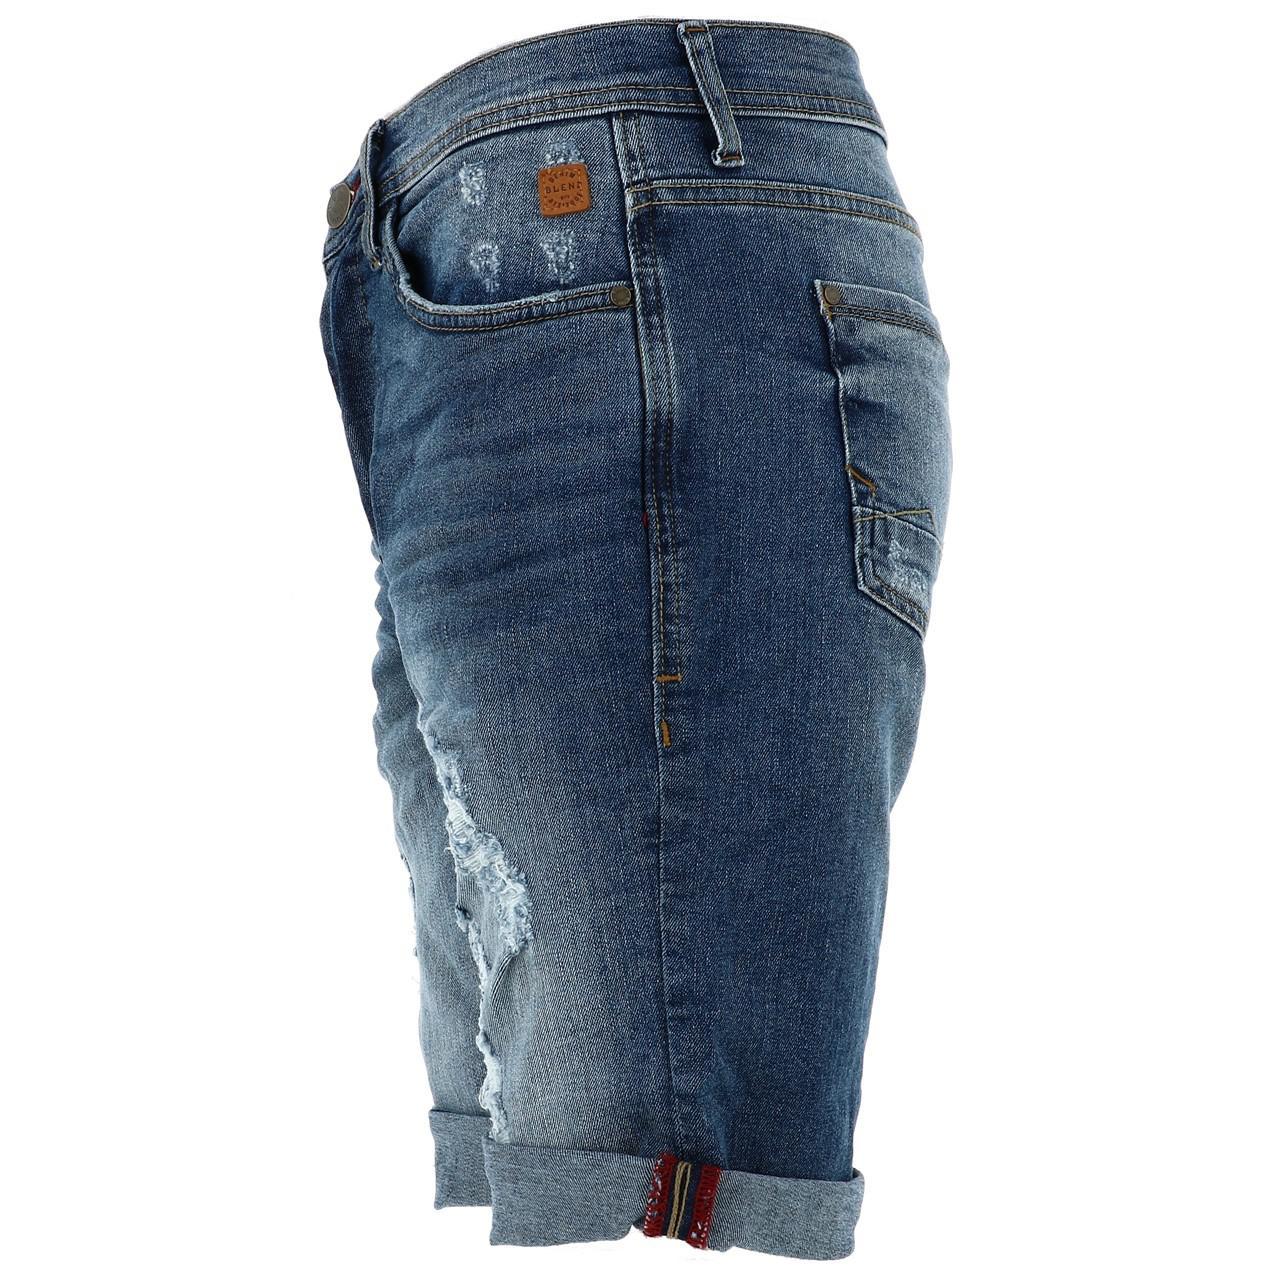 Bermuda-Shorts-Blend-Jork-Denim-Lt-Blue-Shorts-Blue-18056-New thumbnail 2